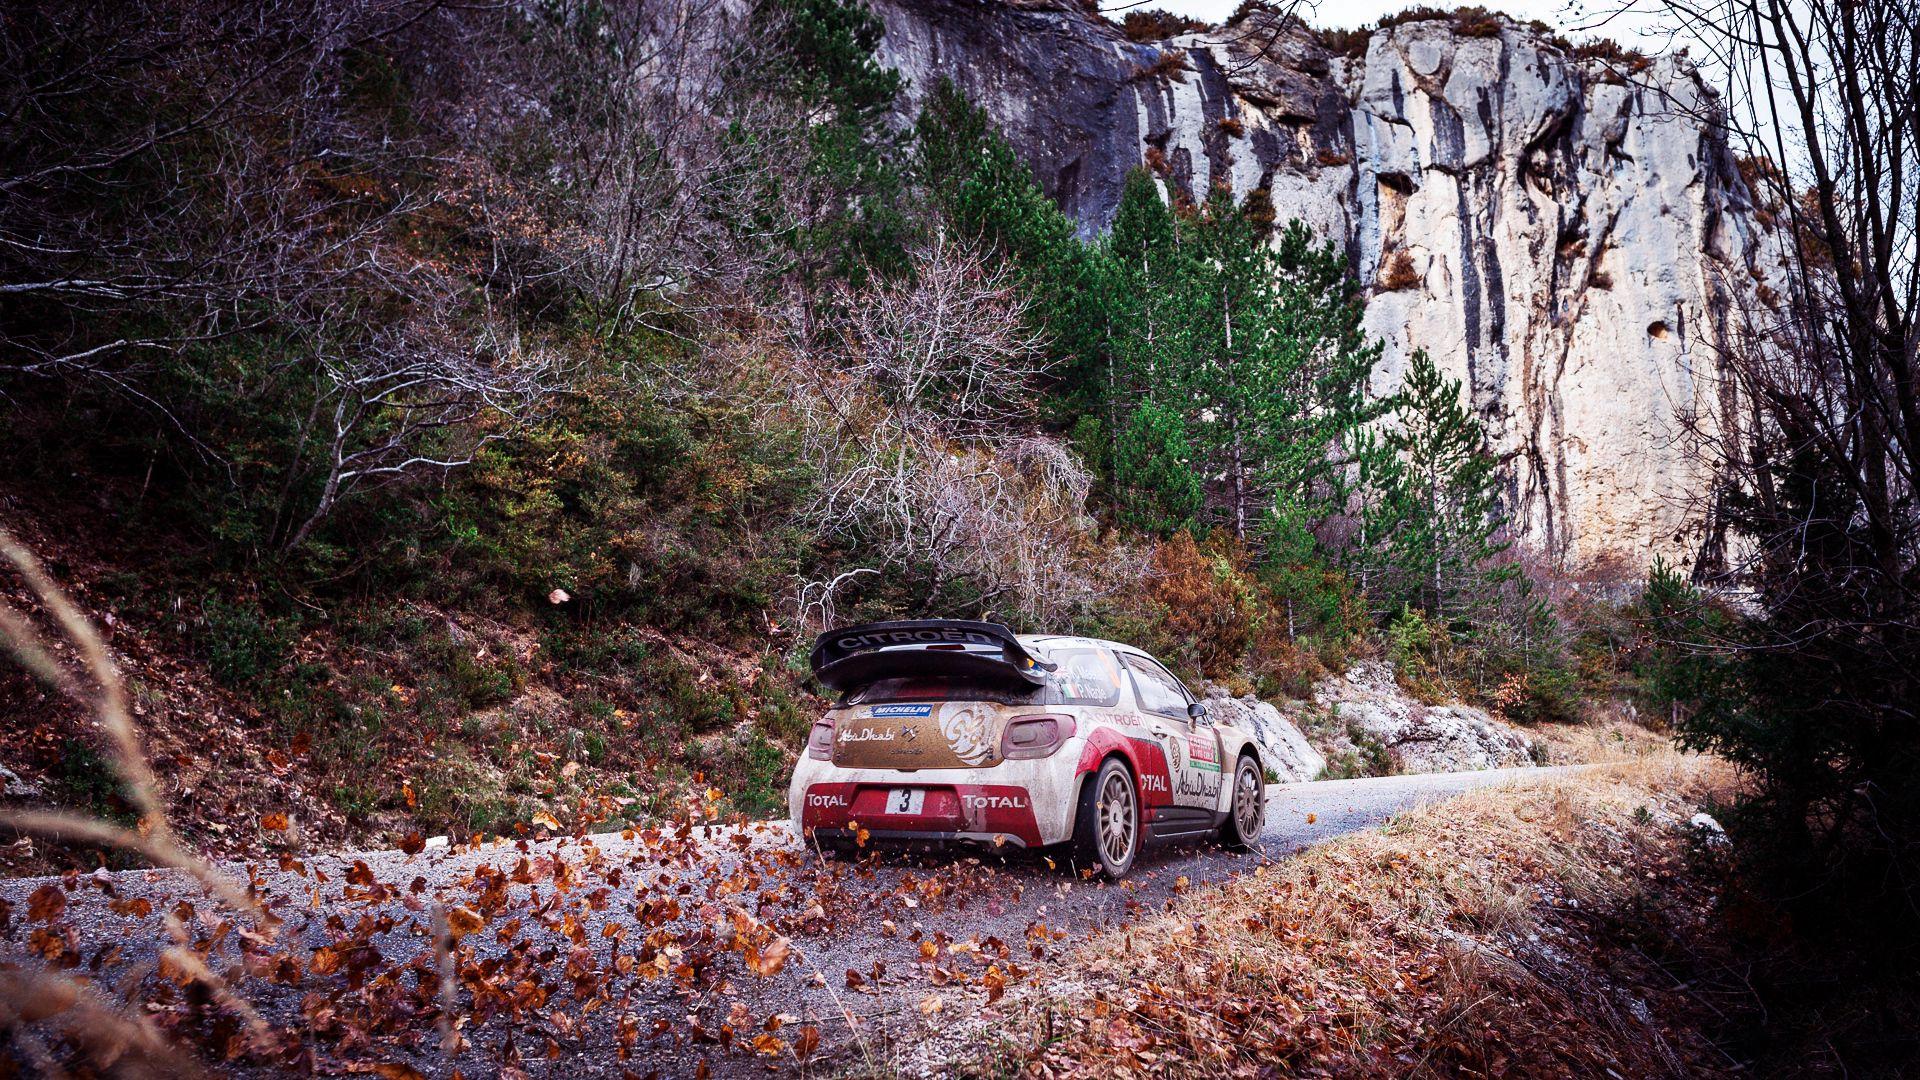 58345 скачать обои Осень, Ралли, Ситроен (Citroen), Тачки (Cars), Ds3 - заставки и картинки бесплатно